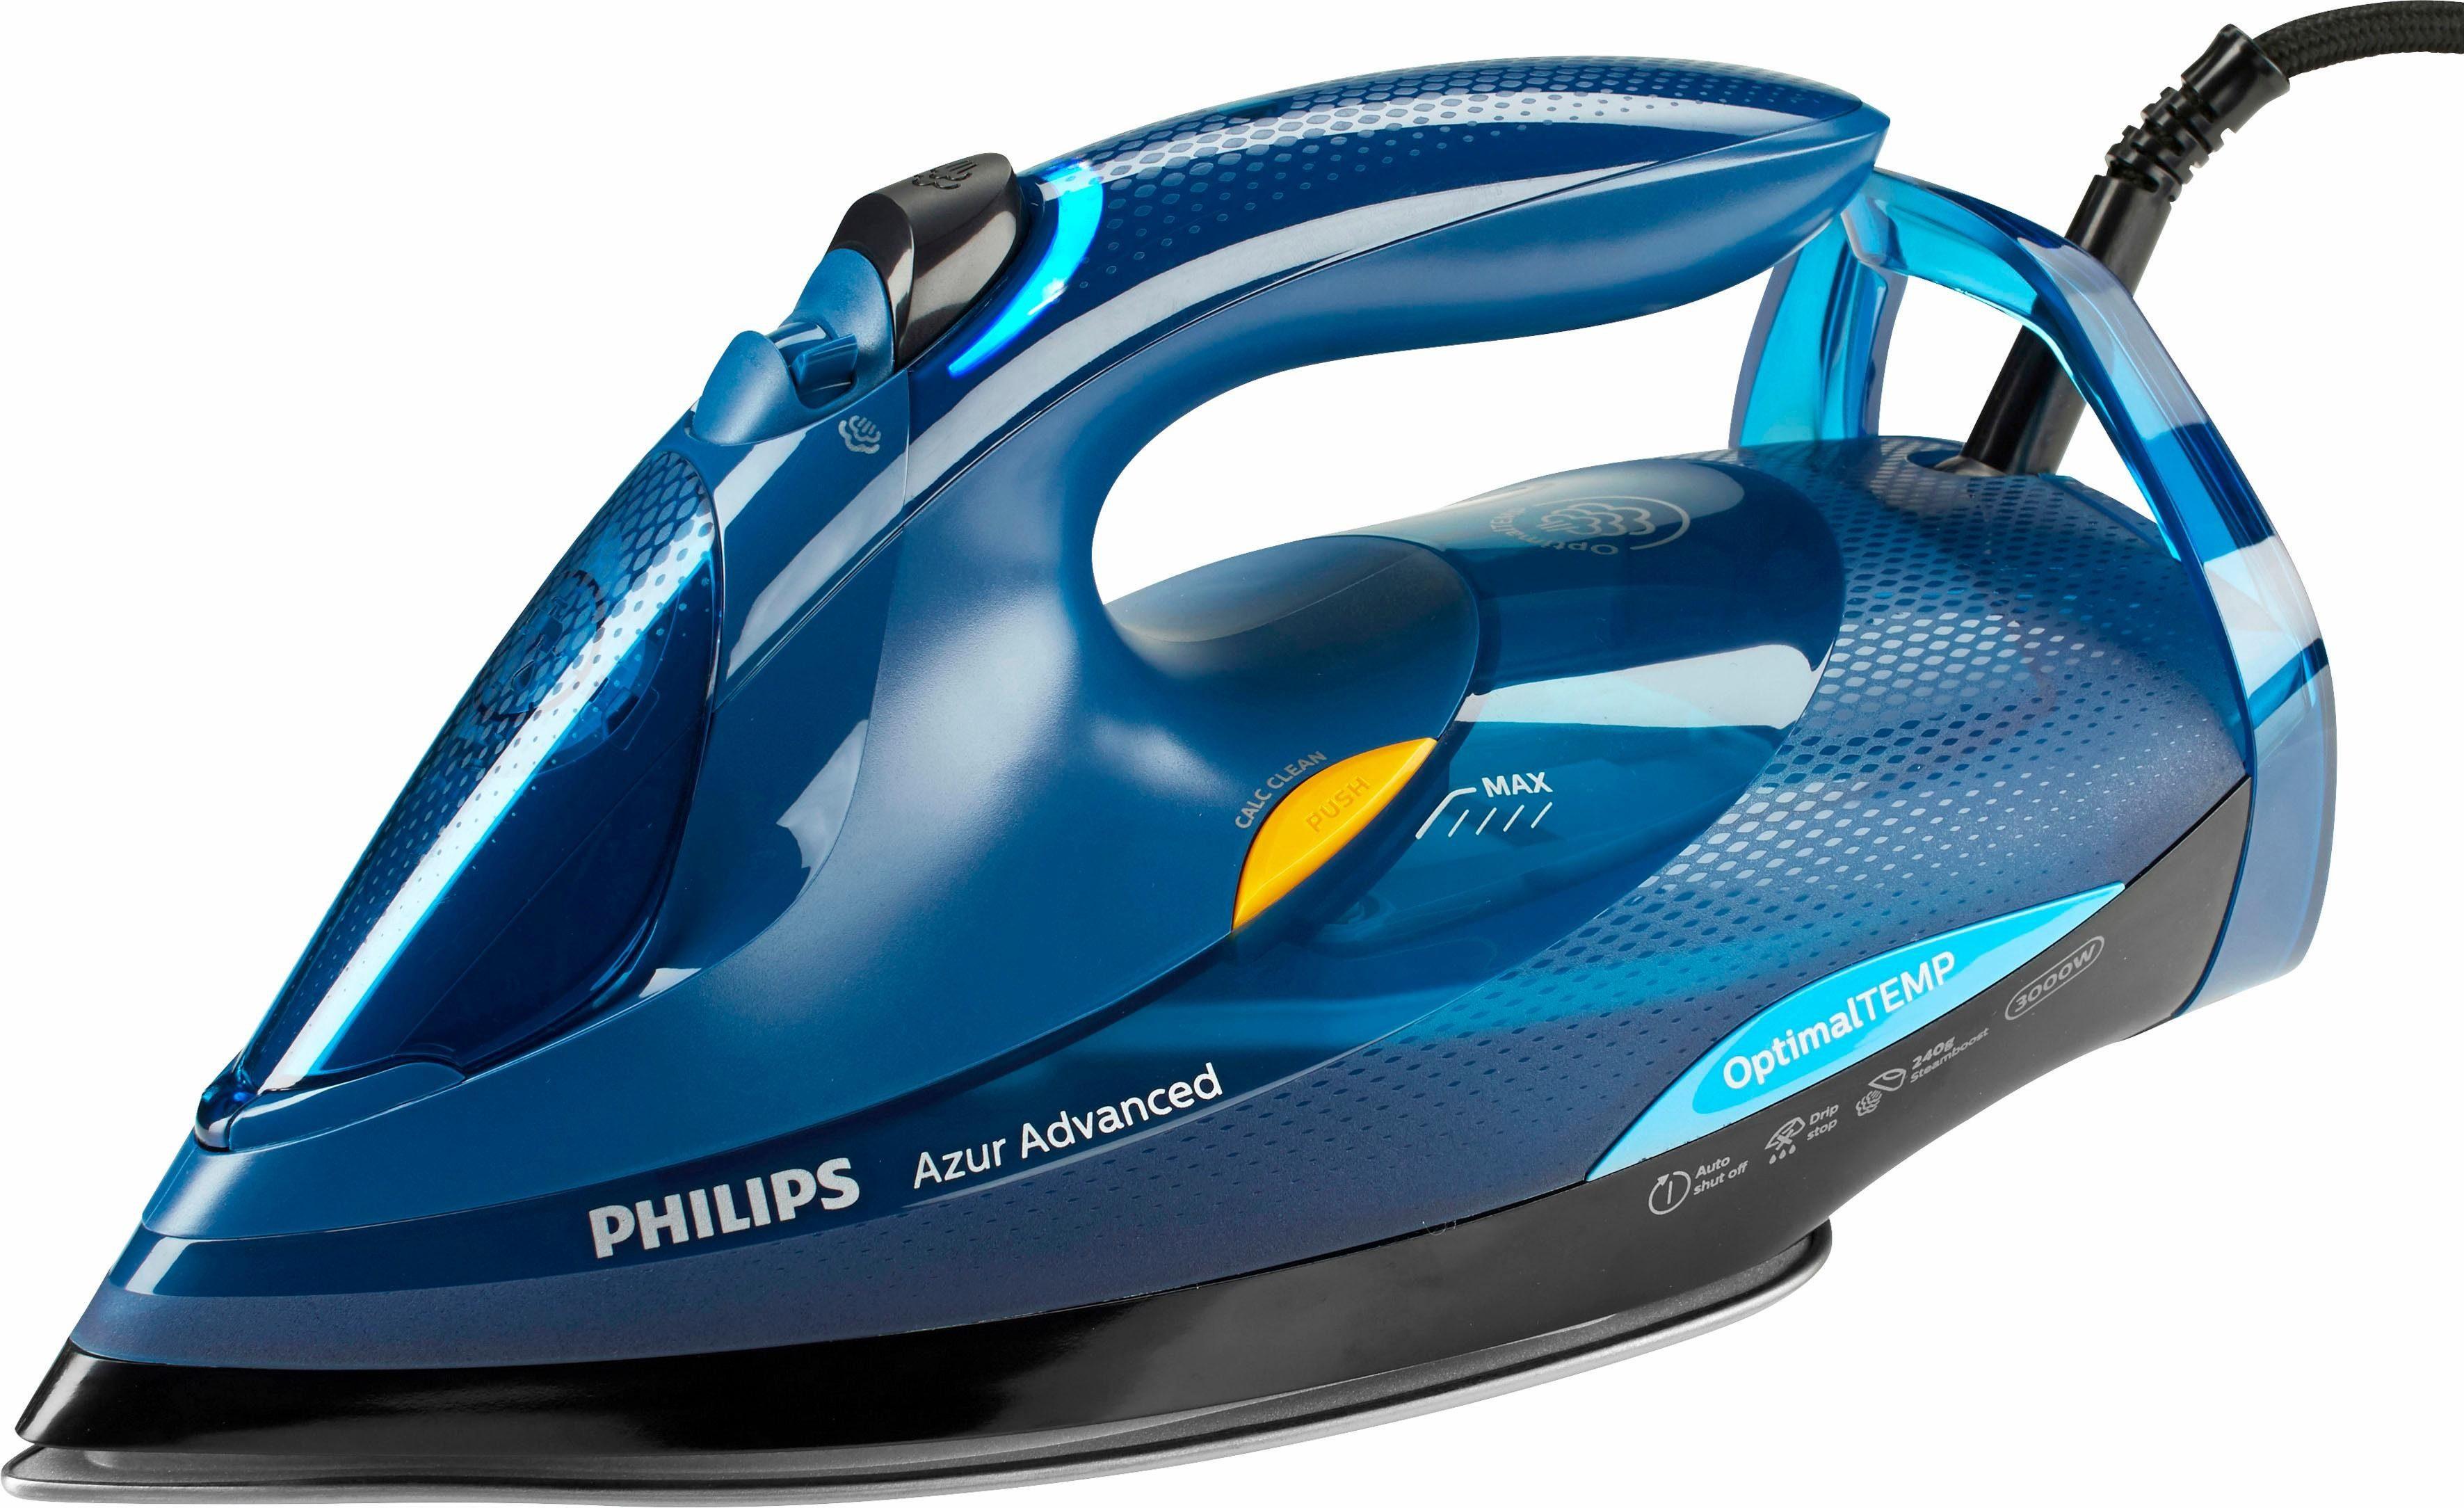 Philips Dampfbügeleisen GC4937/20 Azur Advanced, 3000 W, innovative SteamGlide Advanced Bügelsohle